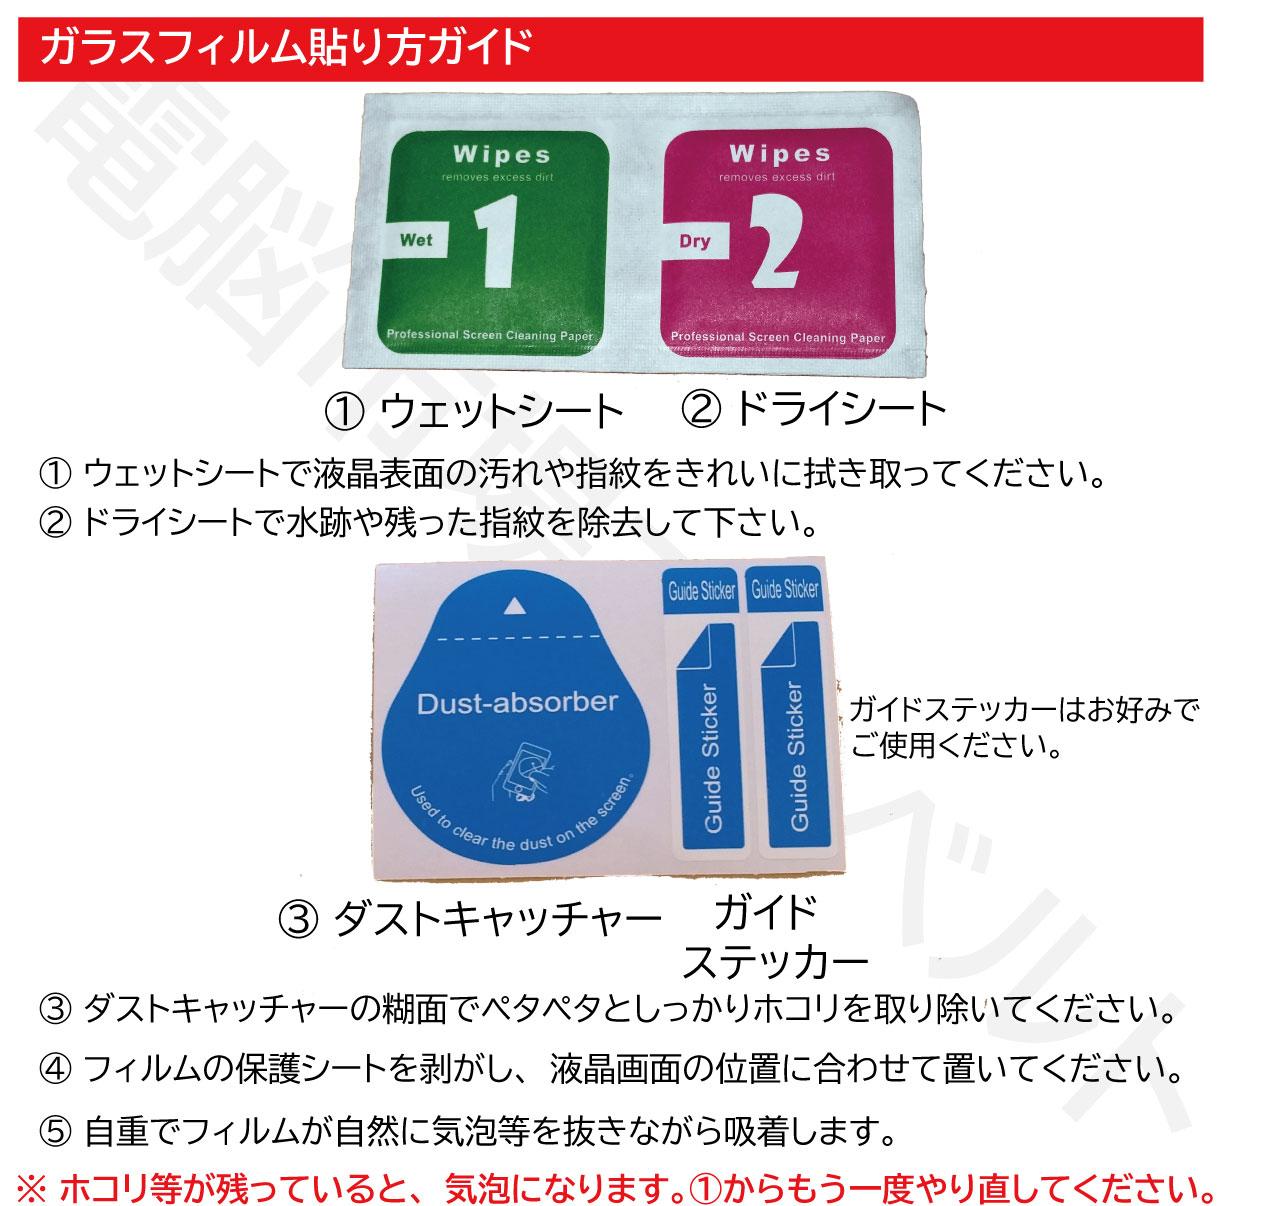 SWITCH LITE ガラスフィルム 液晶保護 9H 超硬質 気泡なし 簡単貼り付け 指紋防止